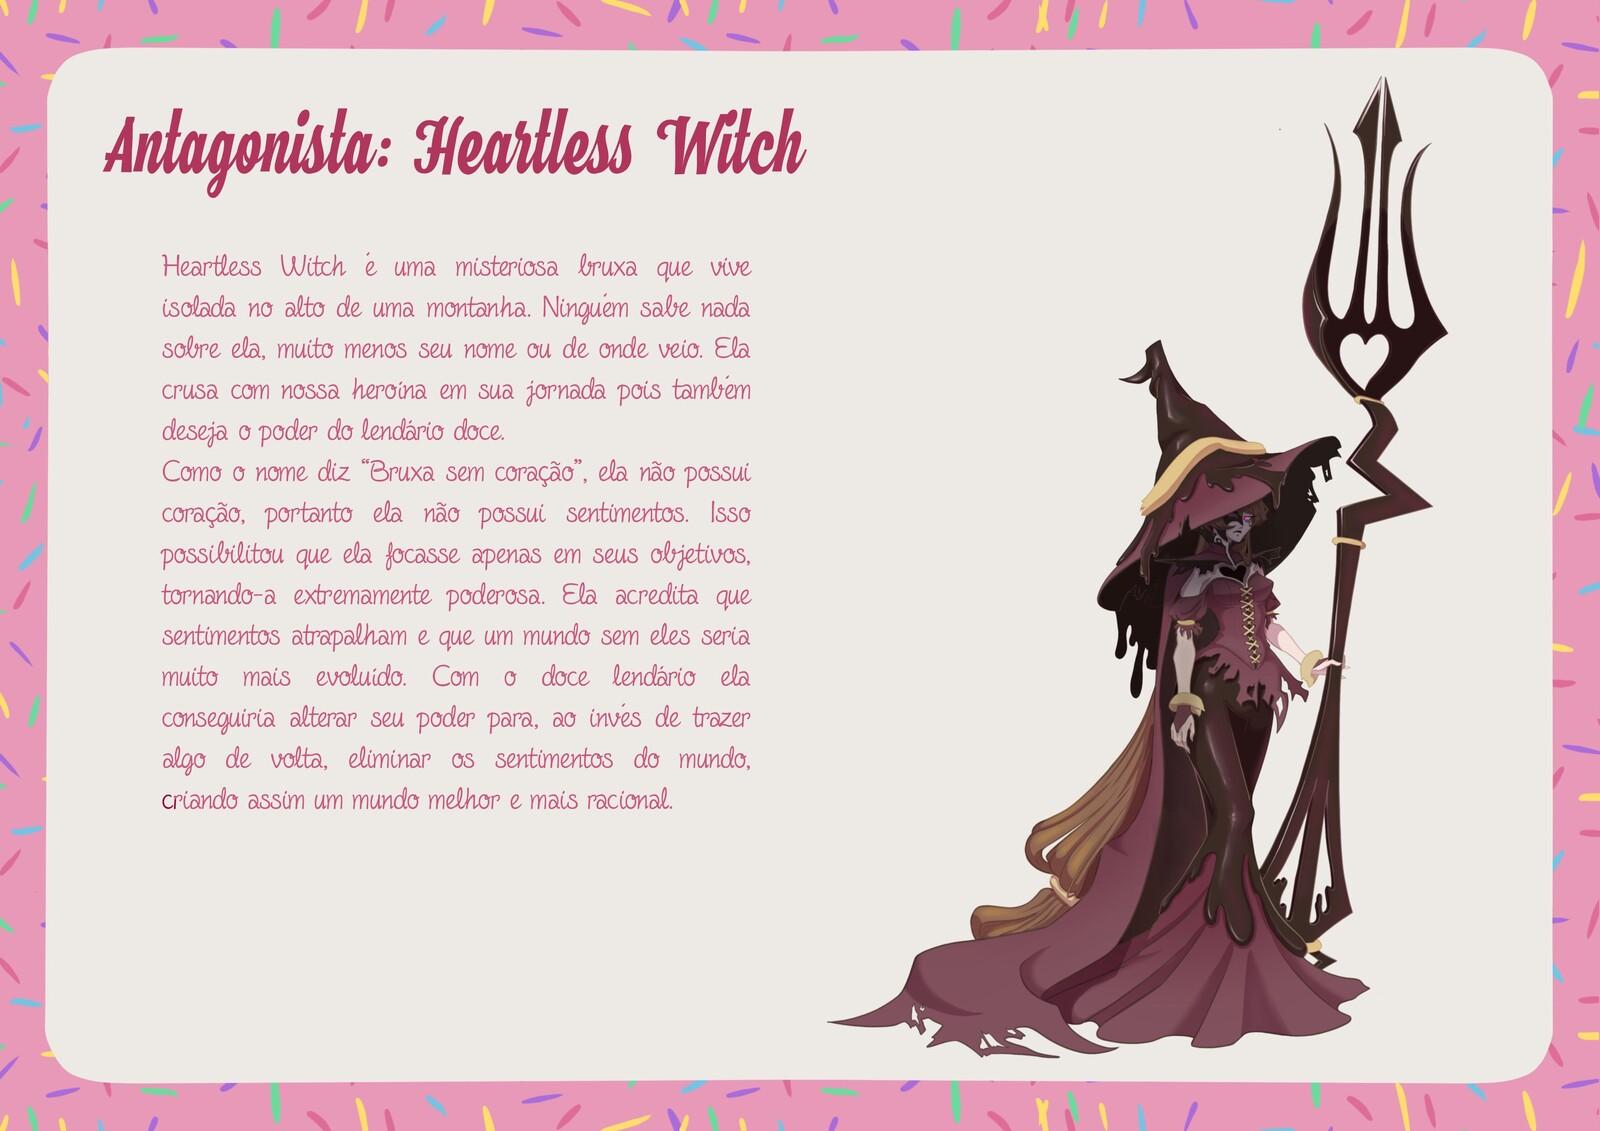 Villain: Heartless Witch